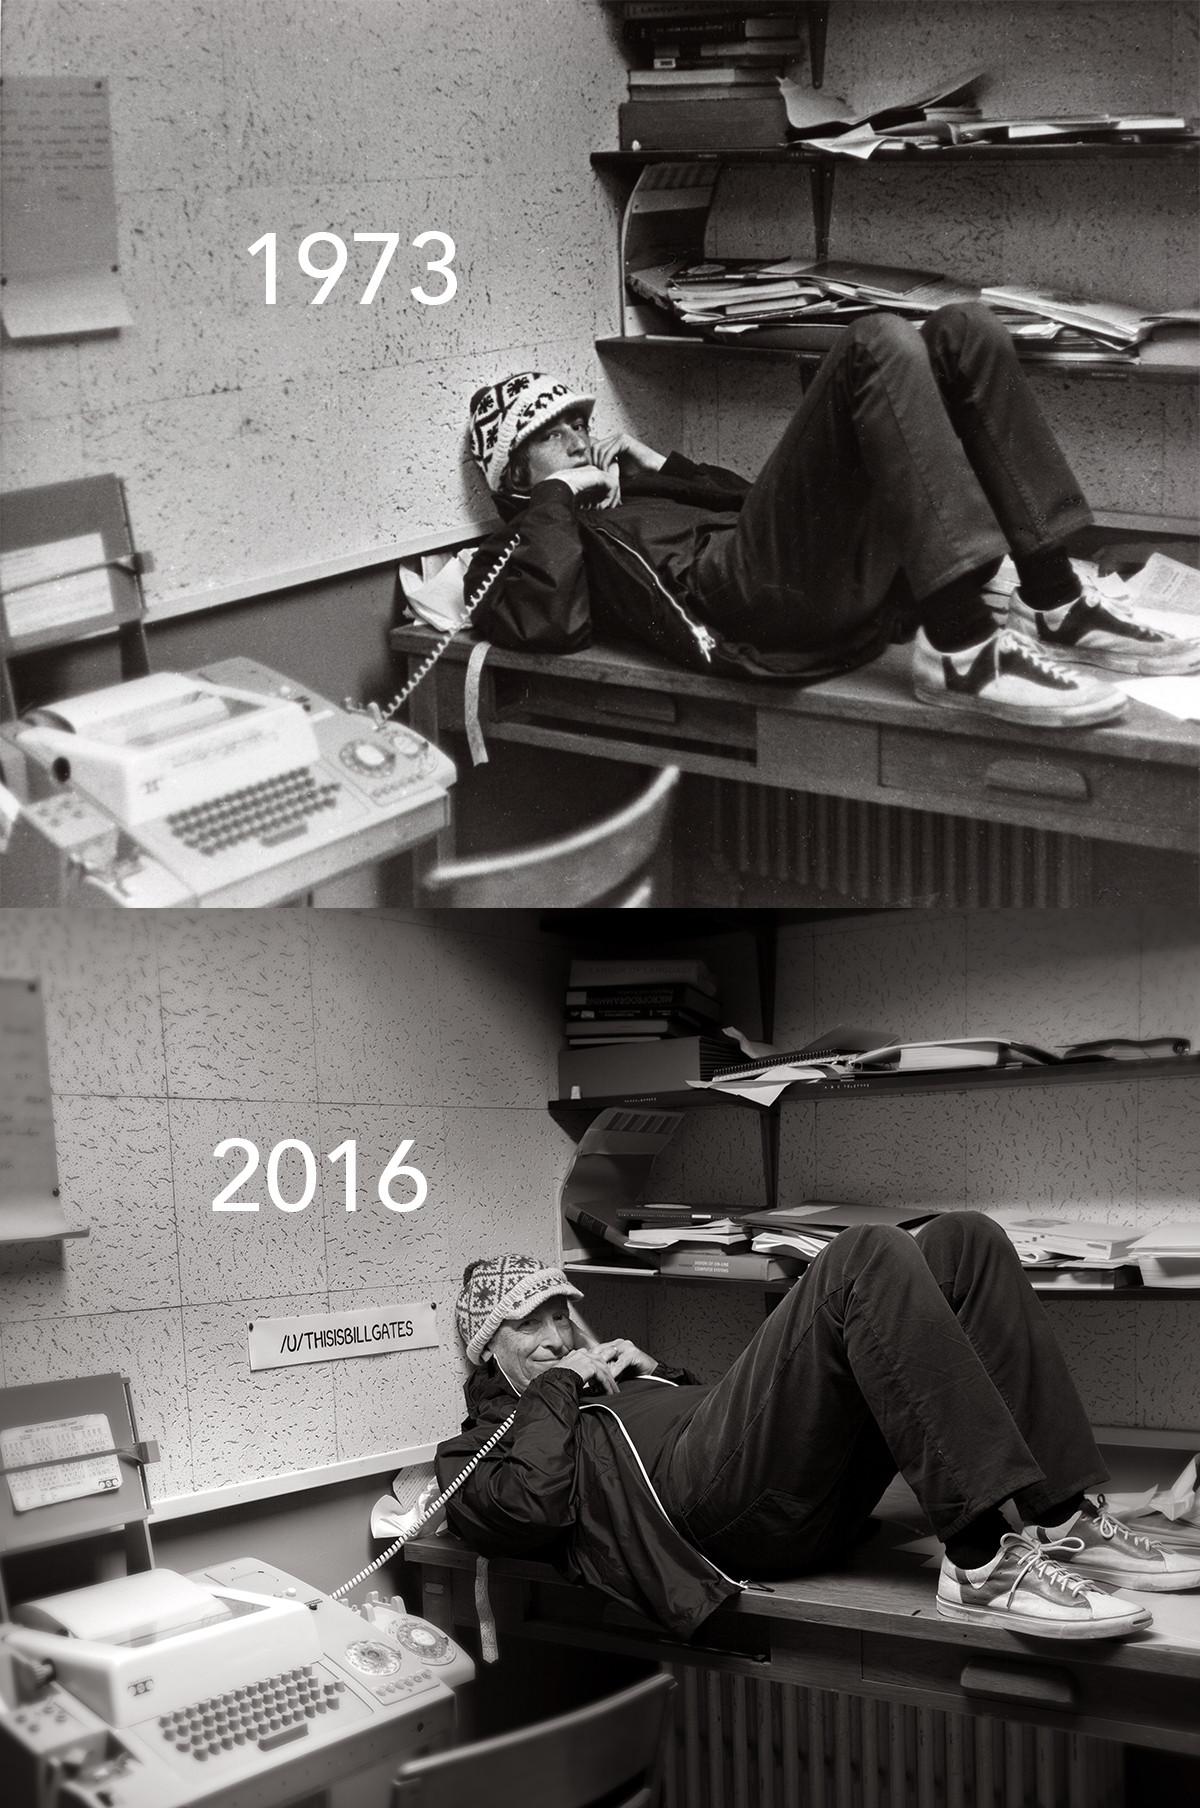 Ugyanaz a helyszín és a szereplők, de a két fotó között 43 év telt el. Nemcsak péne, még humora is van a csávónak, akit valamiért mégis illik útálni.